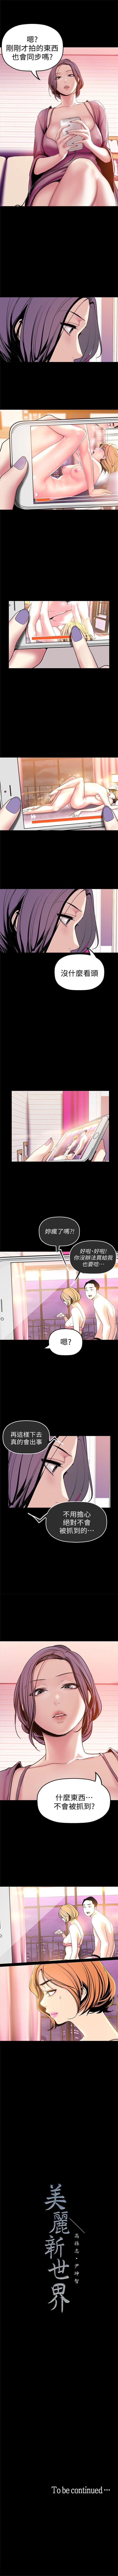 (周6)美丽新世界 1-61 中文翻译 (更新中) 248